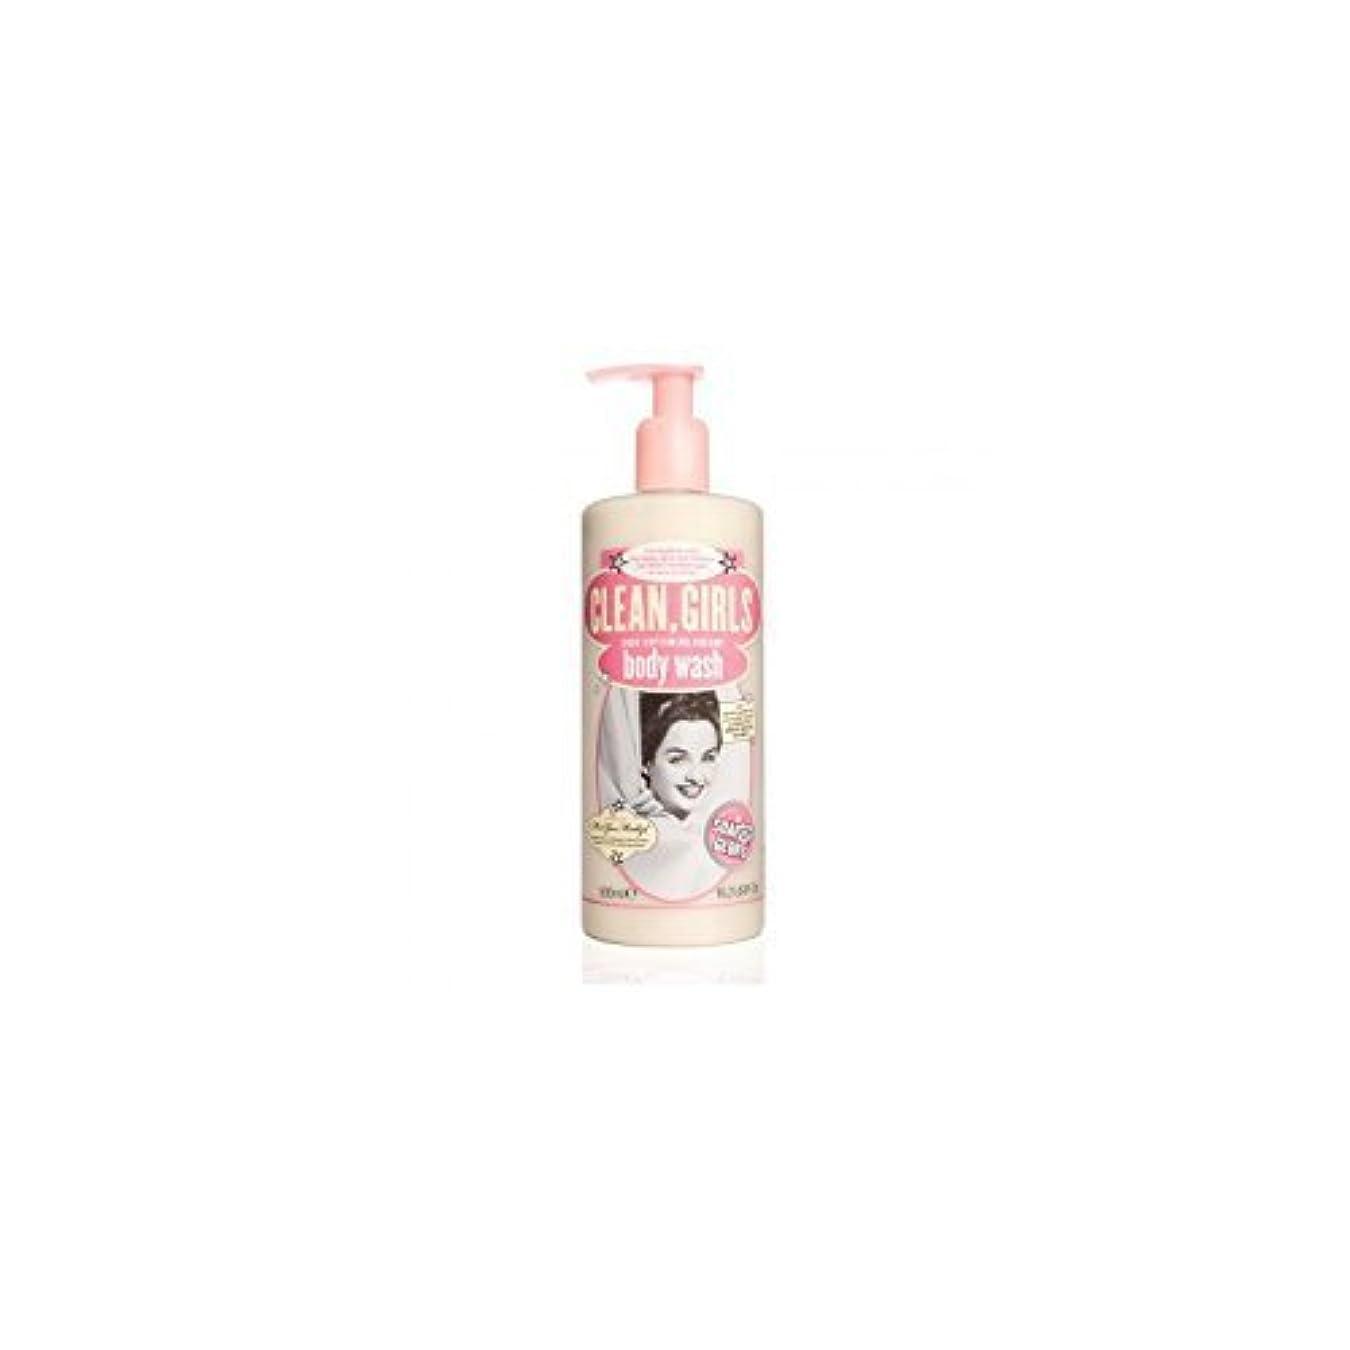 飢えメッシュ首謀者Soap & Glory Clean Girls Body Wash 500ml by Trifing